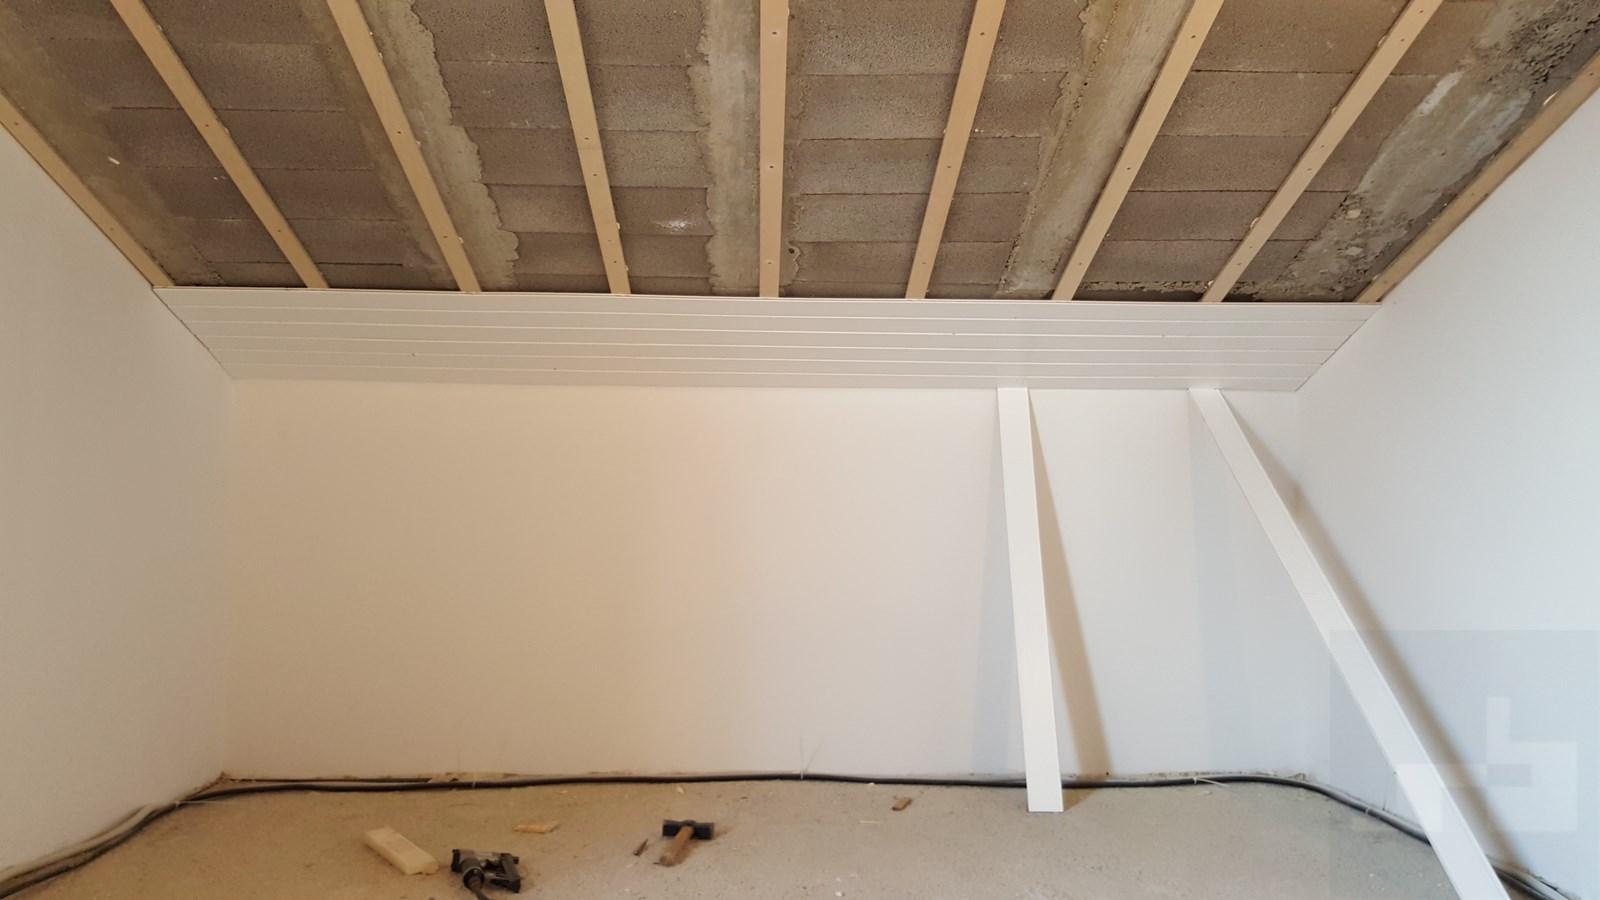 Steffen becker parquet valencia friso blanco y tarima de - Friso en techo ...